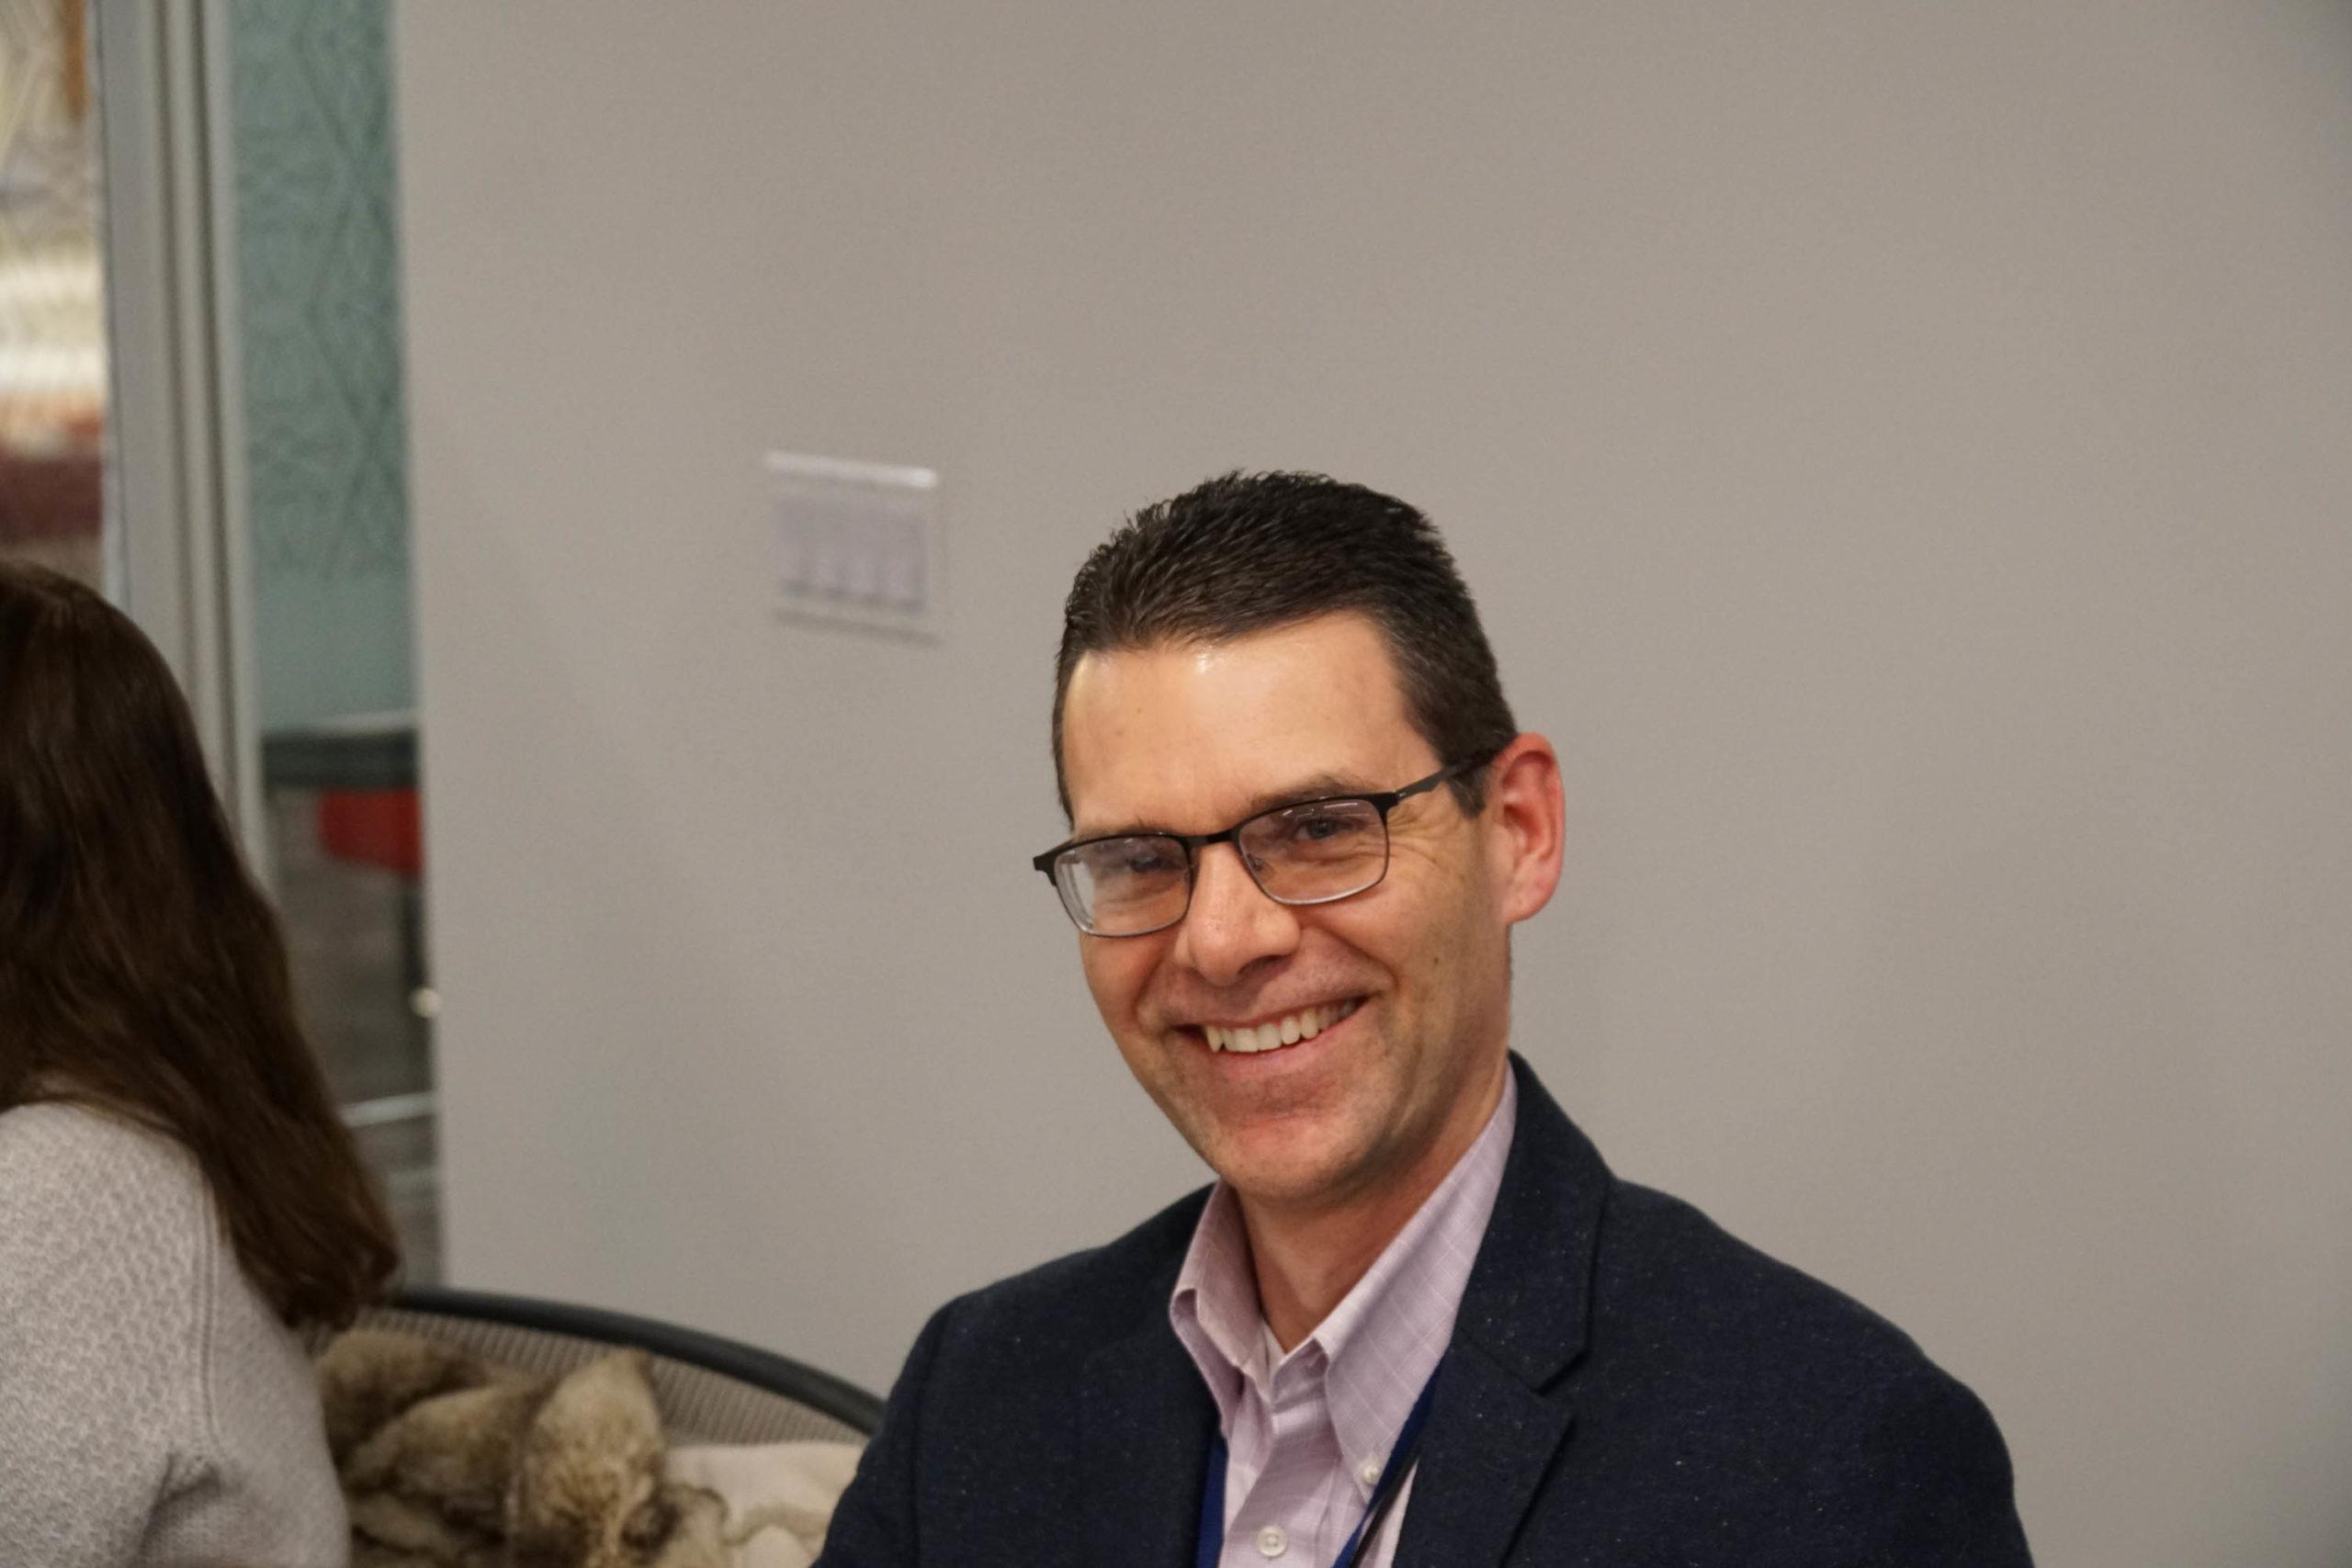 Steve Teske at Agile Coaching DC